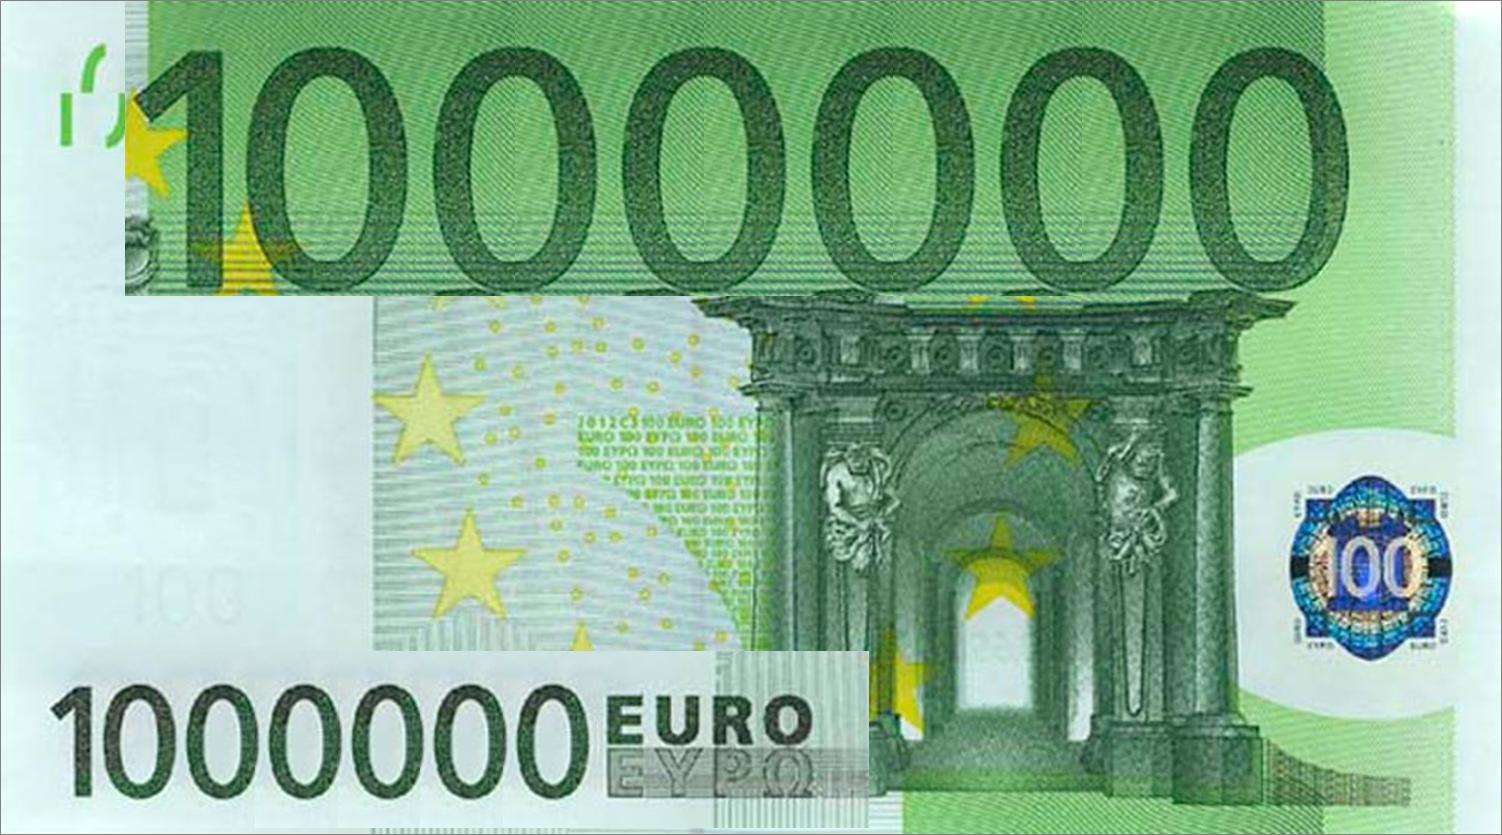 Дома за 100000 евро